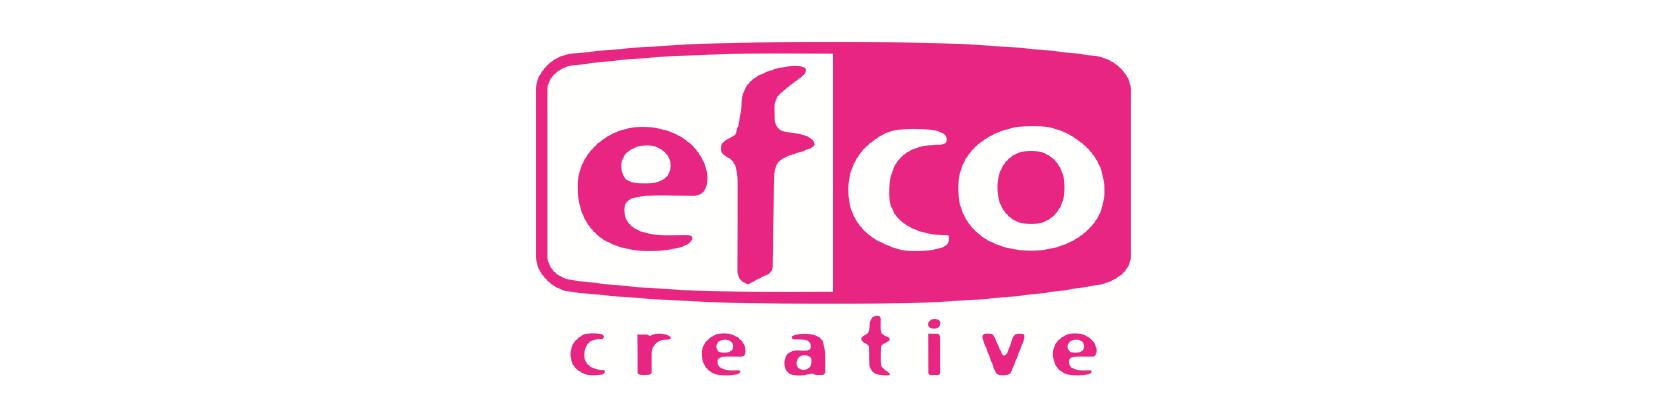 efco Logo - Lieferant unseres Bastelladen in Lohne